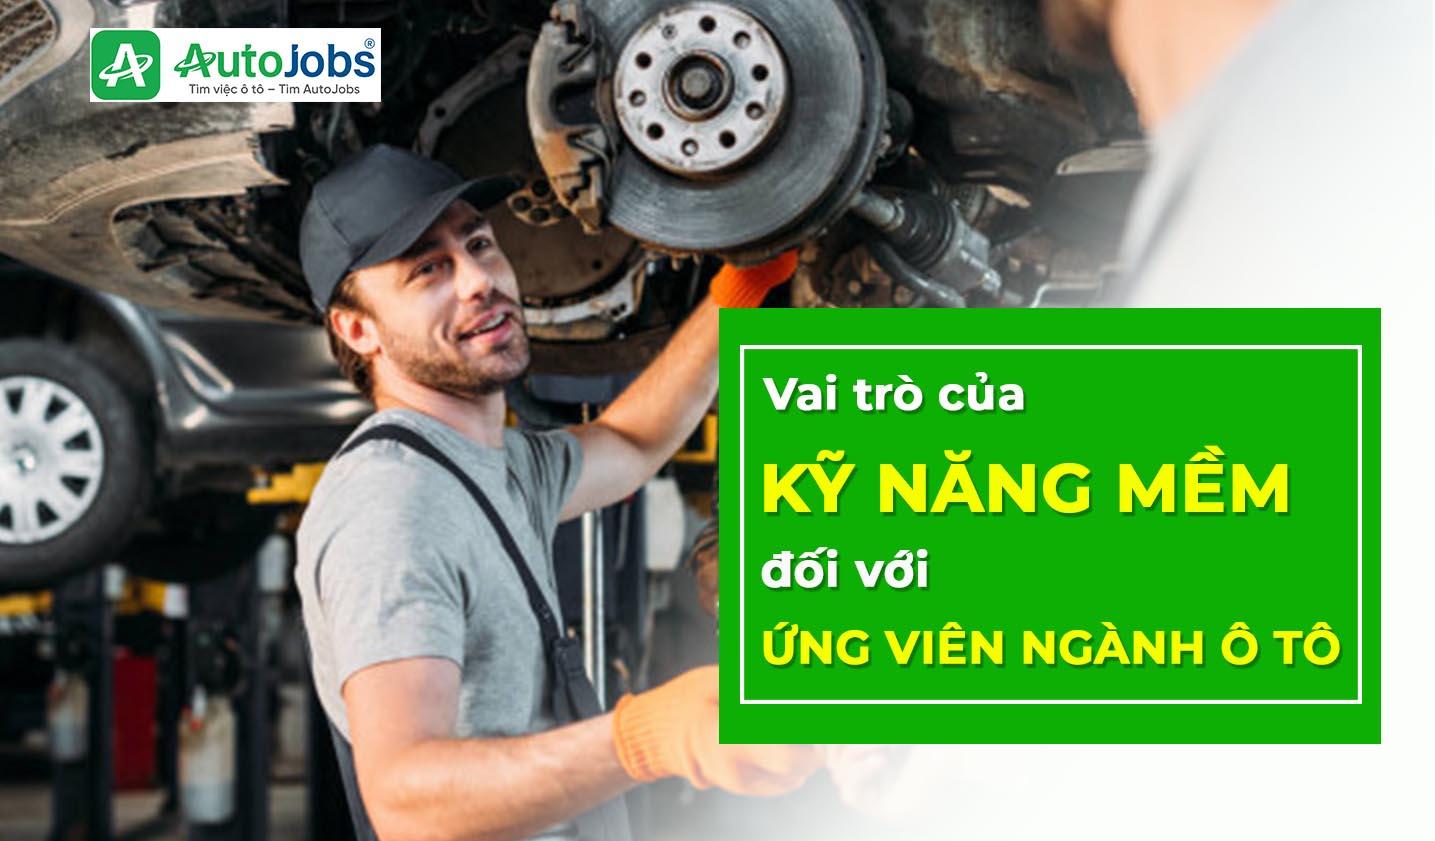 vai-tro-cua-khau-tuyen-dung-nhan-su-doi-voi-doanh-nghiep-autojobs-thumbnail.jpg